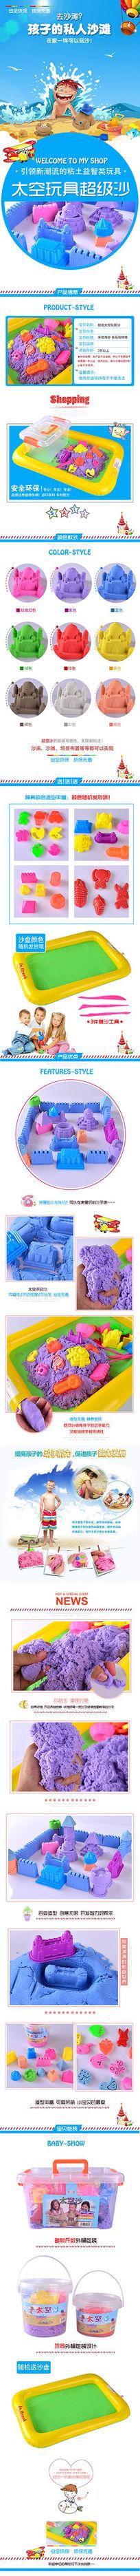 淘宝店铺儿童玩具详情页模版设计